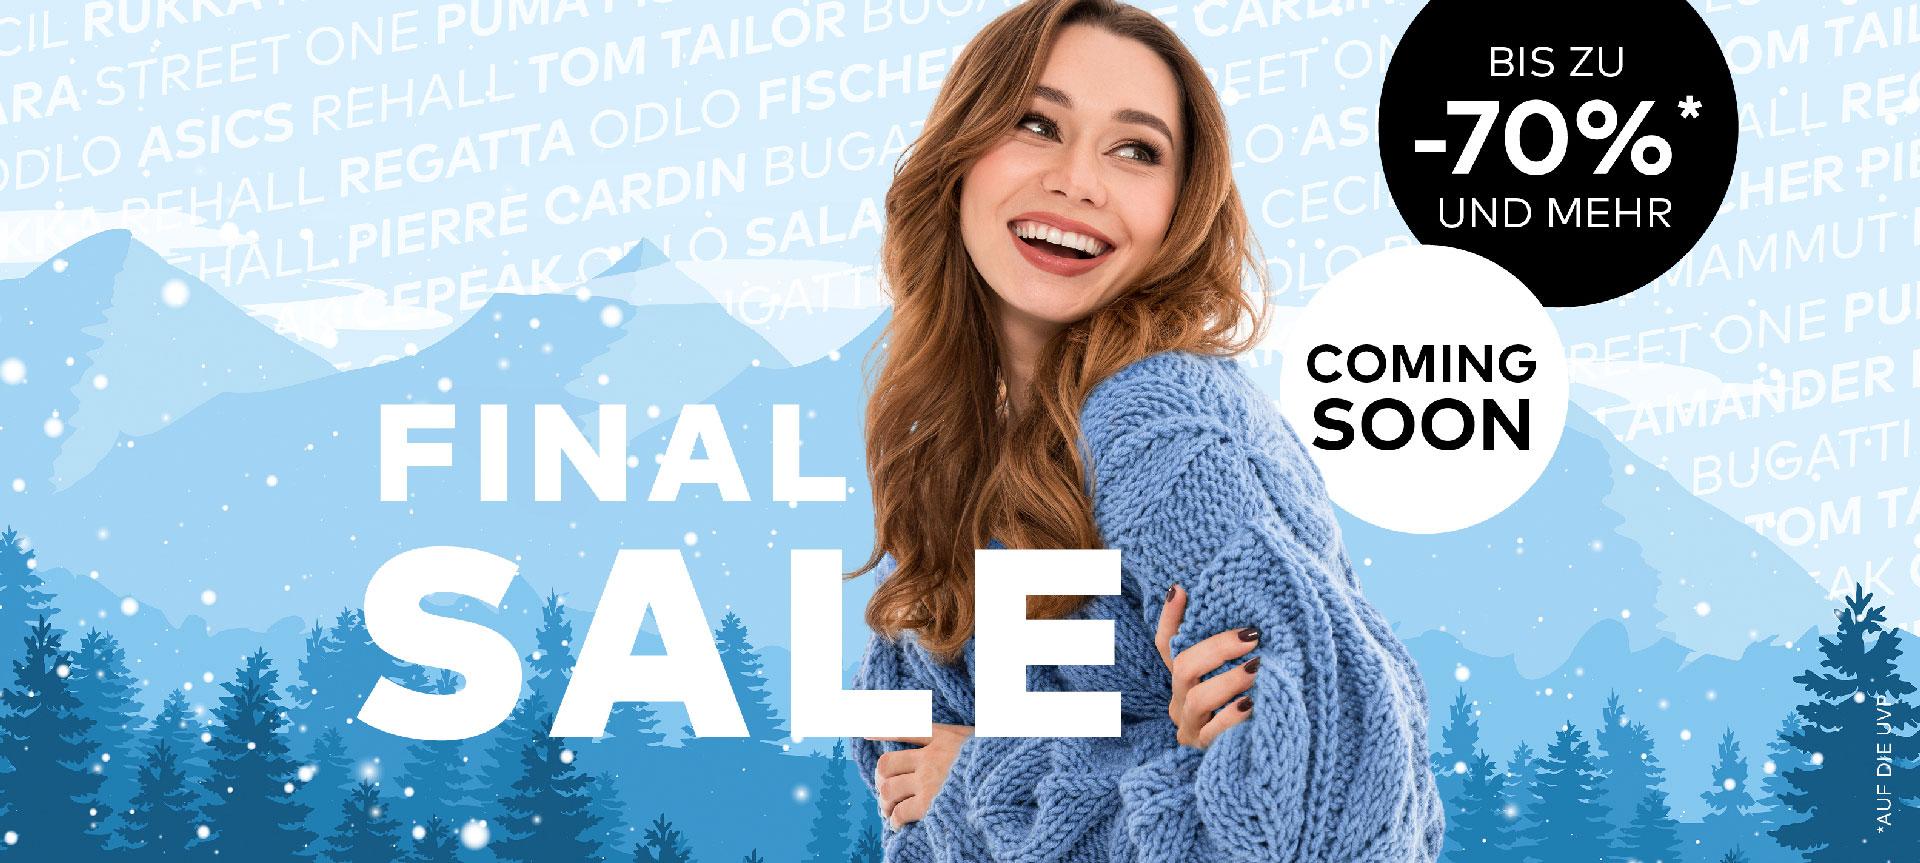 Sale Outlet Center Eben S